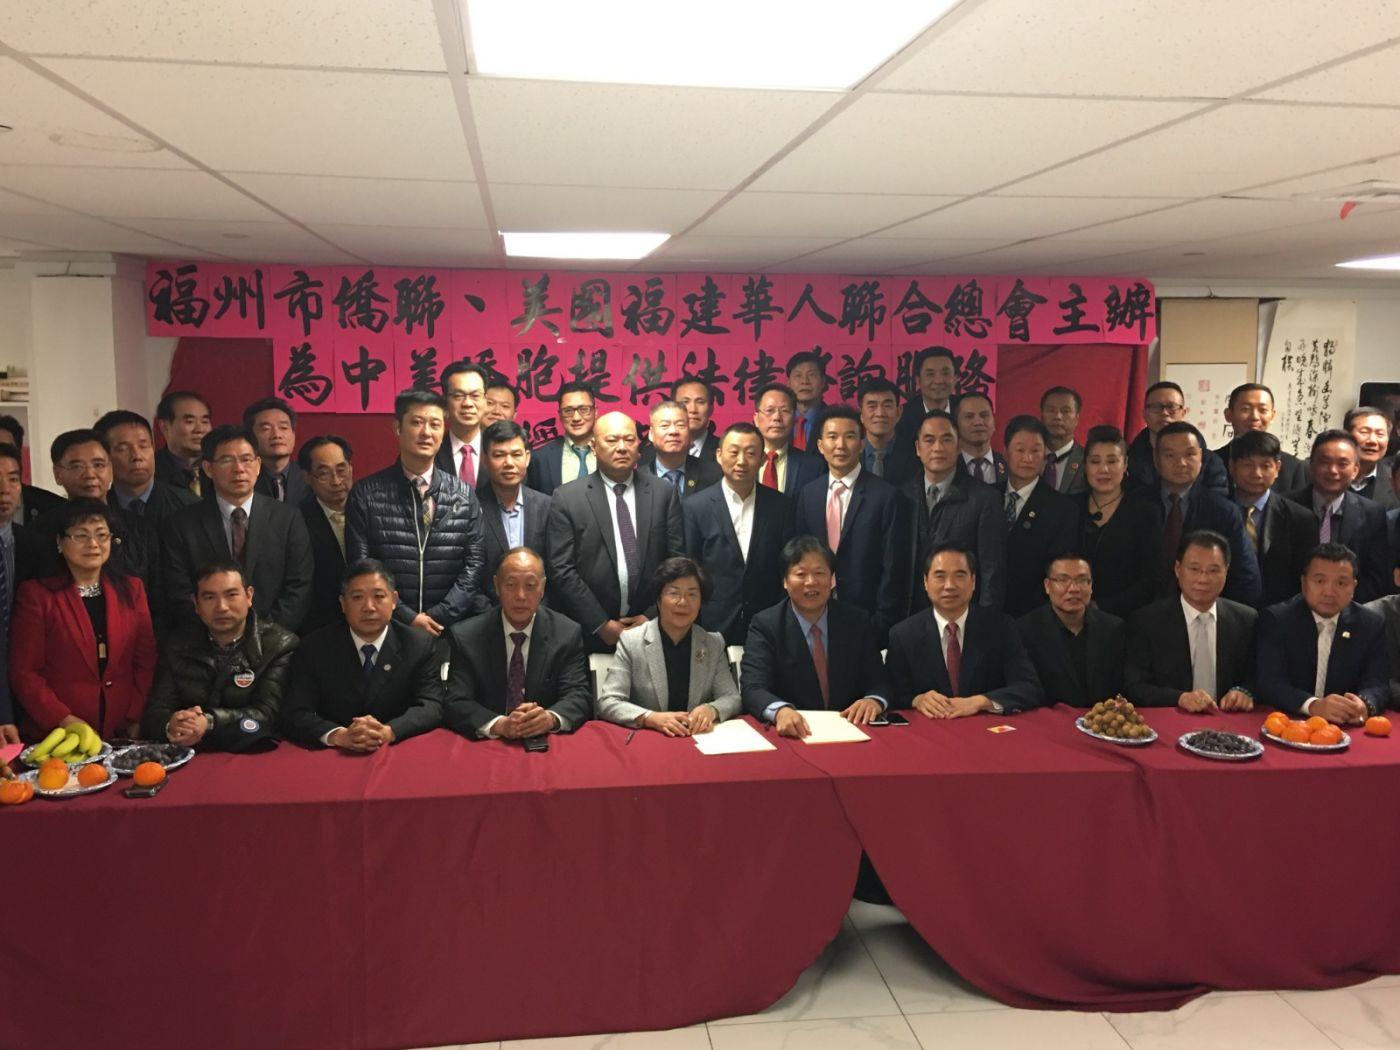 美国福建华人联合会欢迎福州市侨联主席蓝桂兰访美代表团一行 ... ..._图1-1